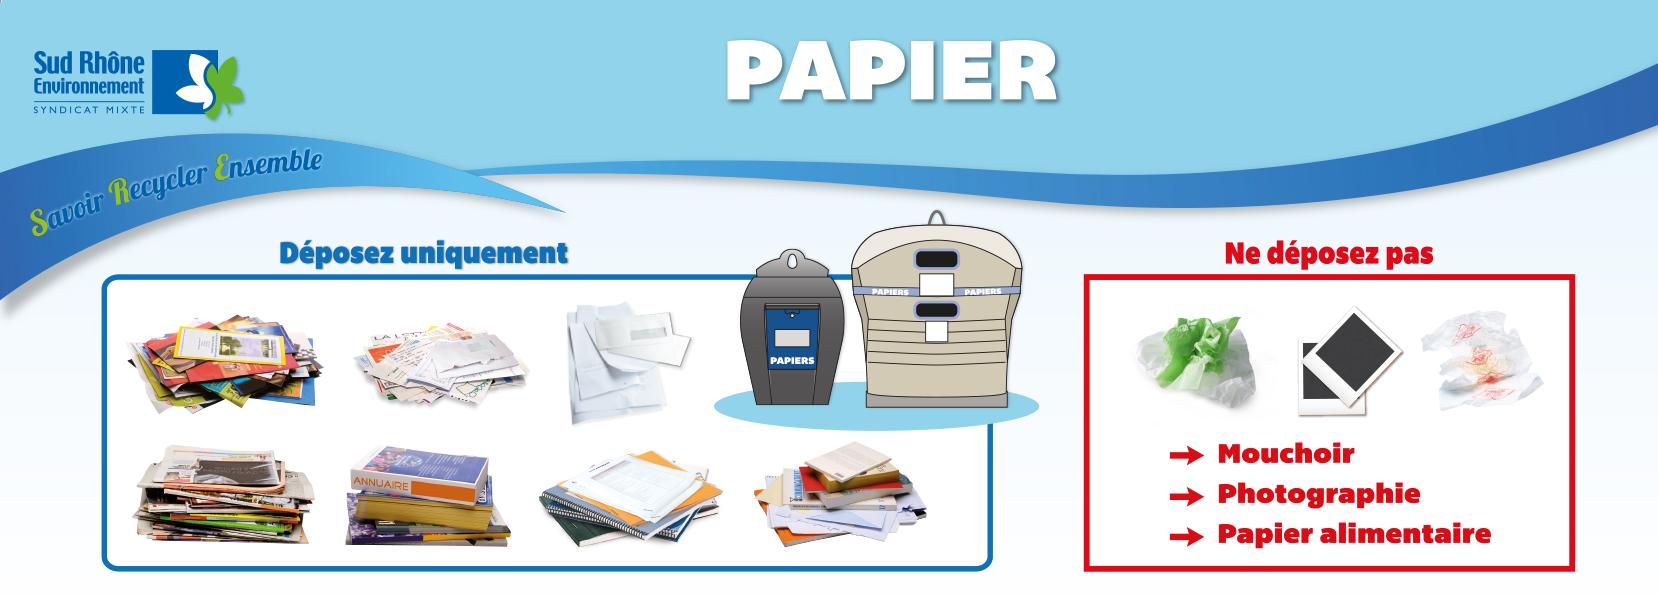 consignes papier sud rhone environnement